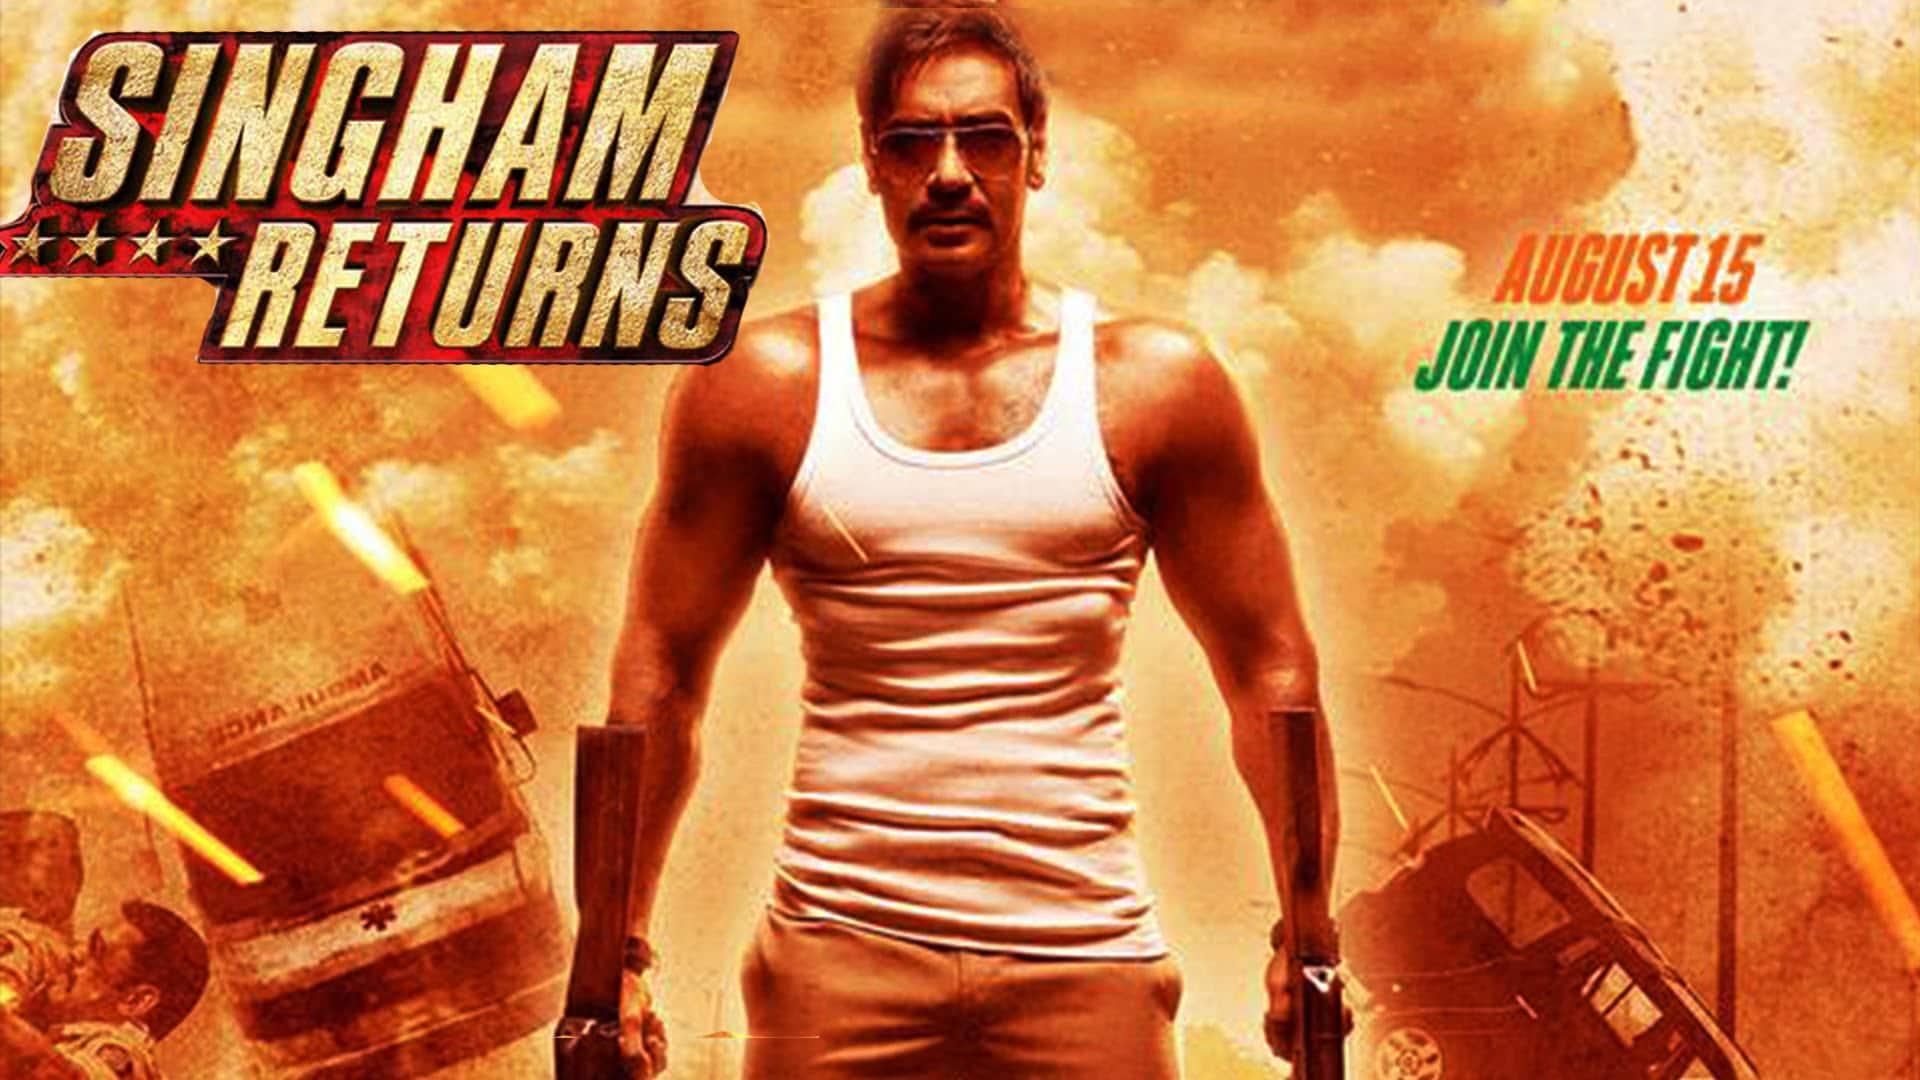 अजय देवगन की इन फिल्मों ने उन्हें बॉलीवुड का एक्शन स्टार बना दिया !